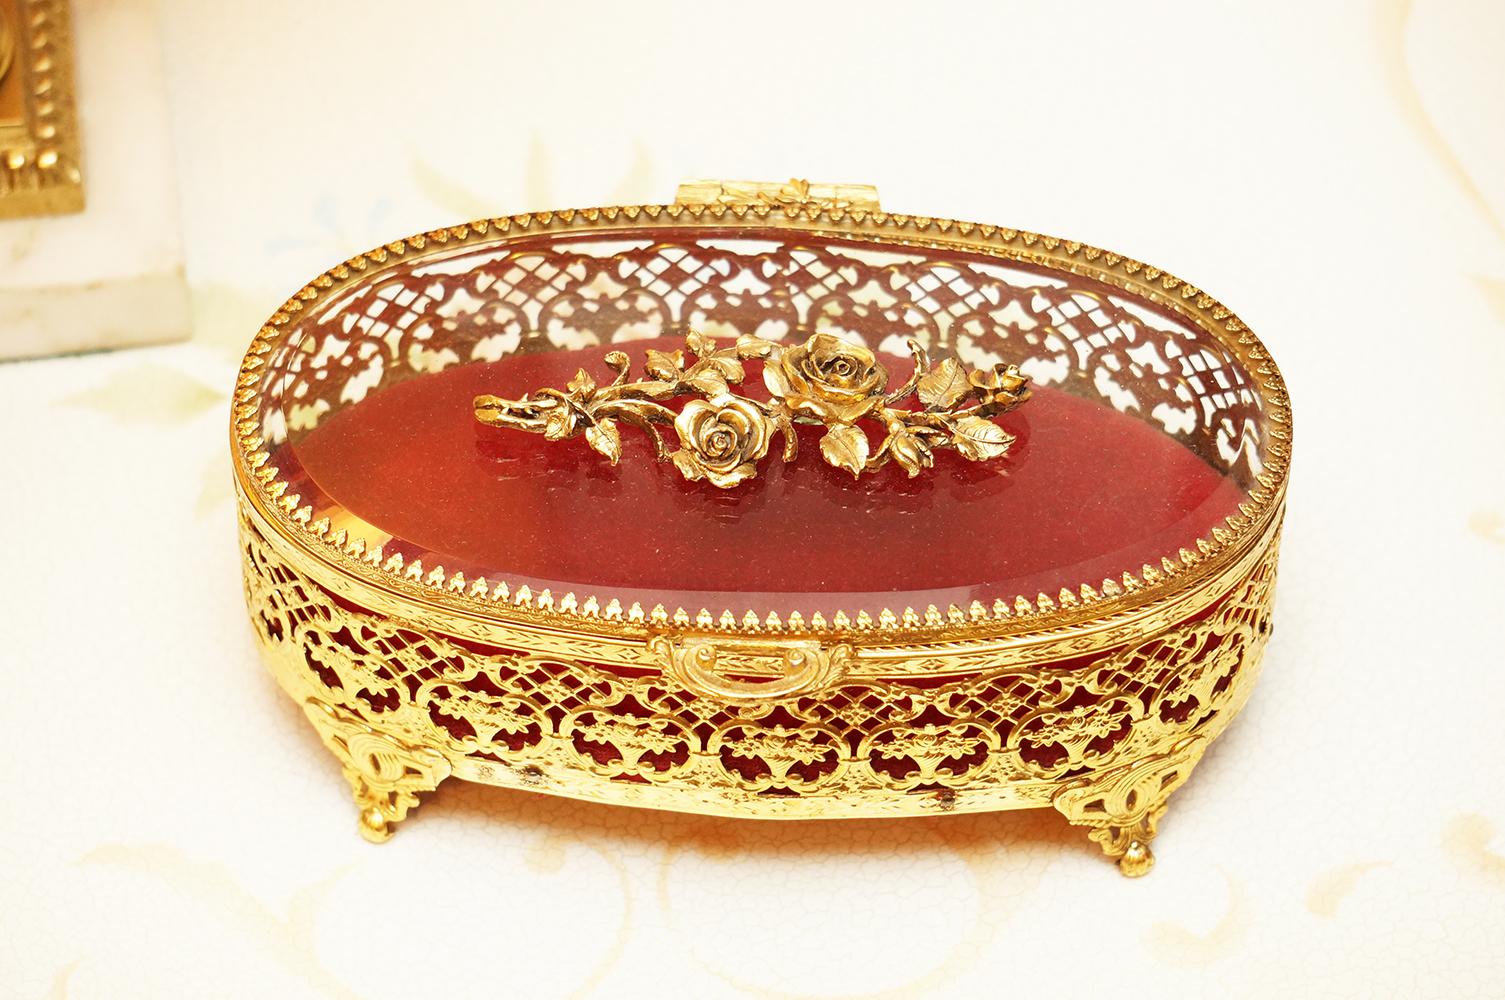 Sold:マトソン ゴールド ローズ オーバル形 ジュエリーボックス